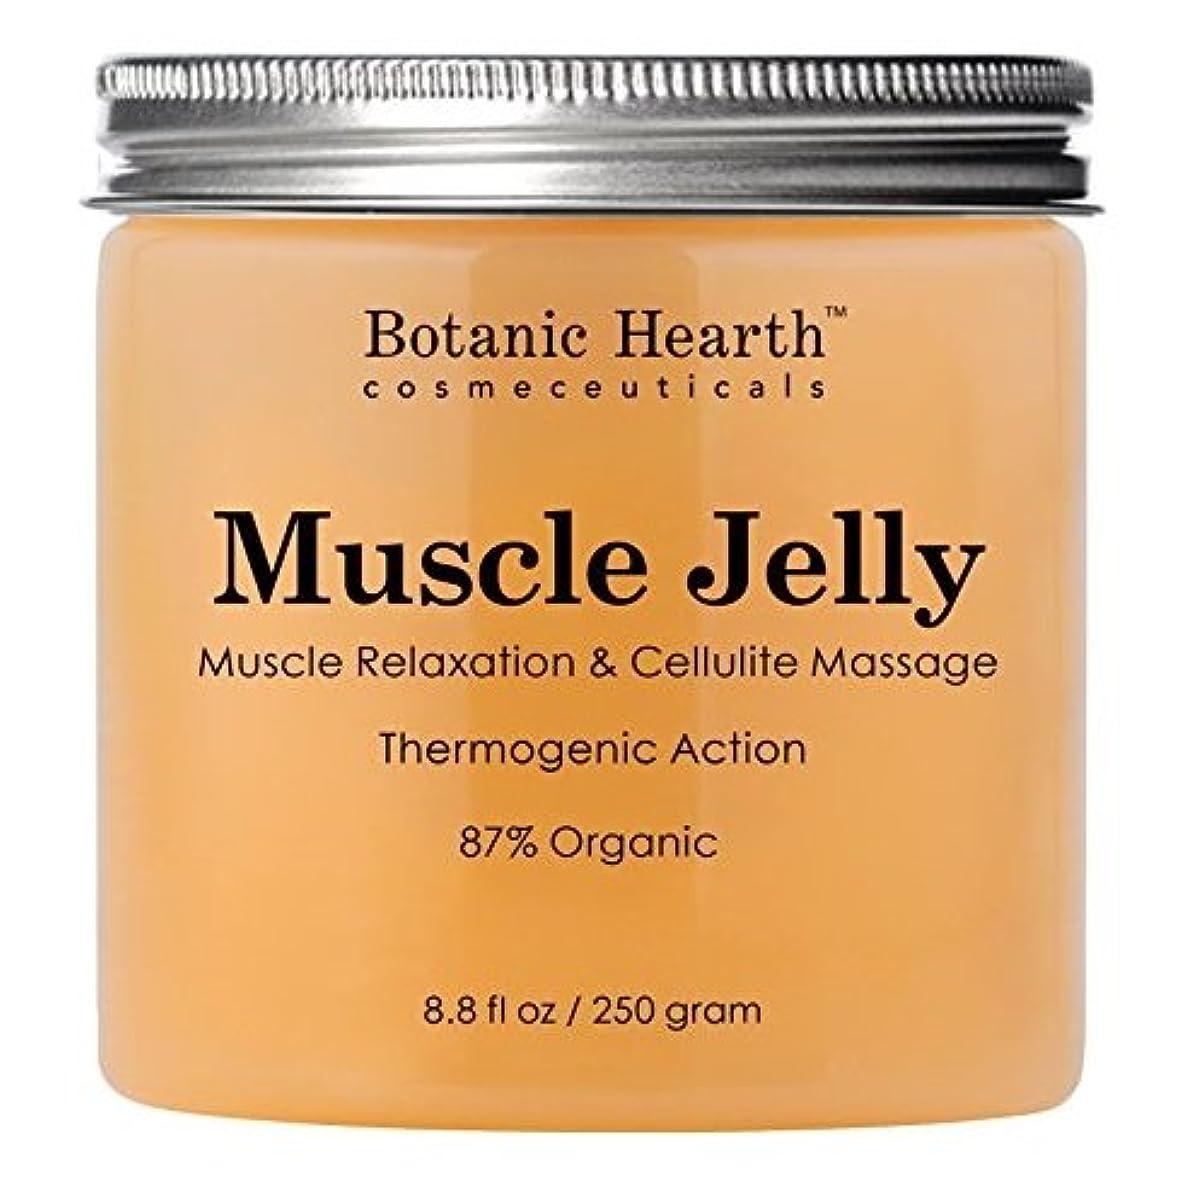 オゾン配分鏡【2個】【海外直送品】Botanic Hearth Muscle Jelly Hot Cream 8.8 fl. oz.x2個セット